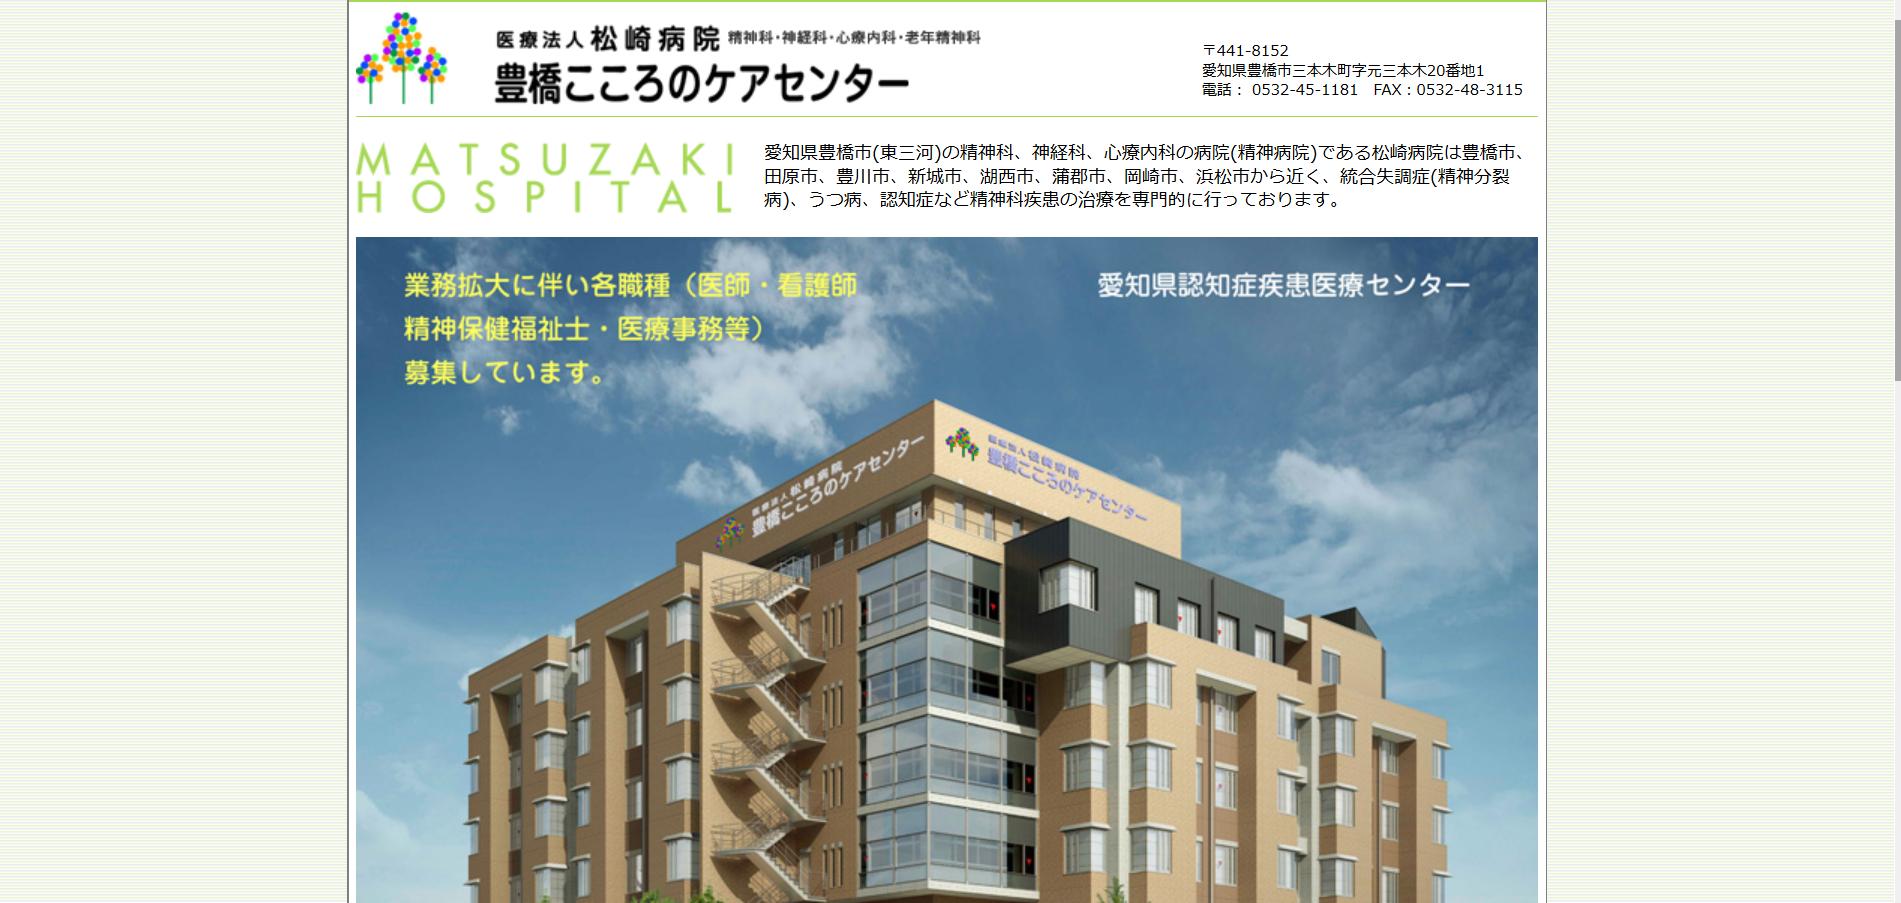 松崎病院 豊橋こころのケアセンターの働きやすさ・評判は?